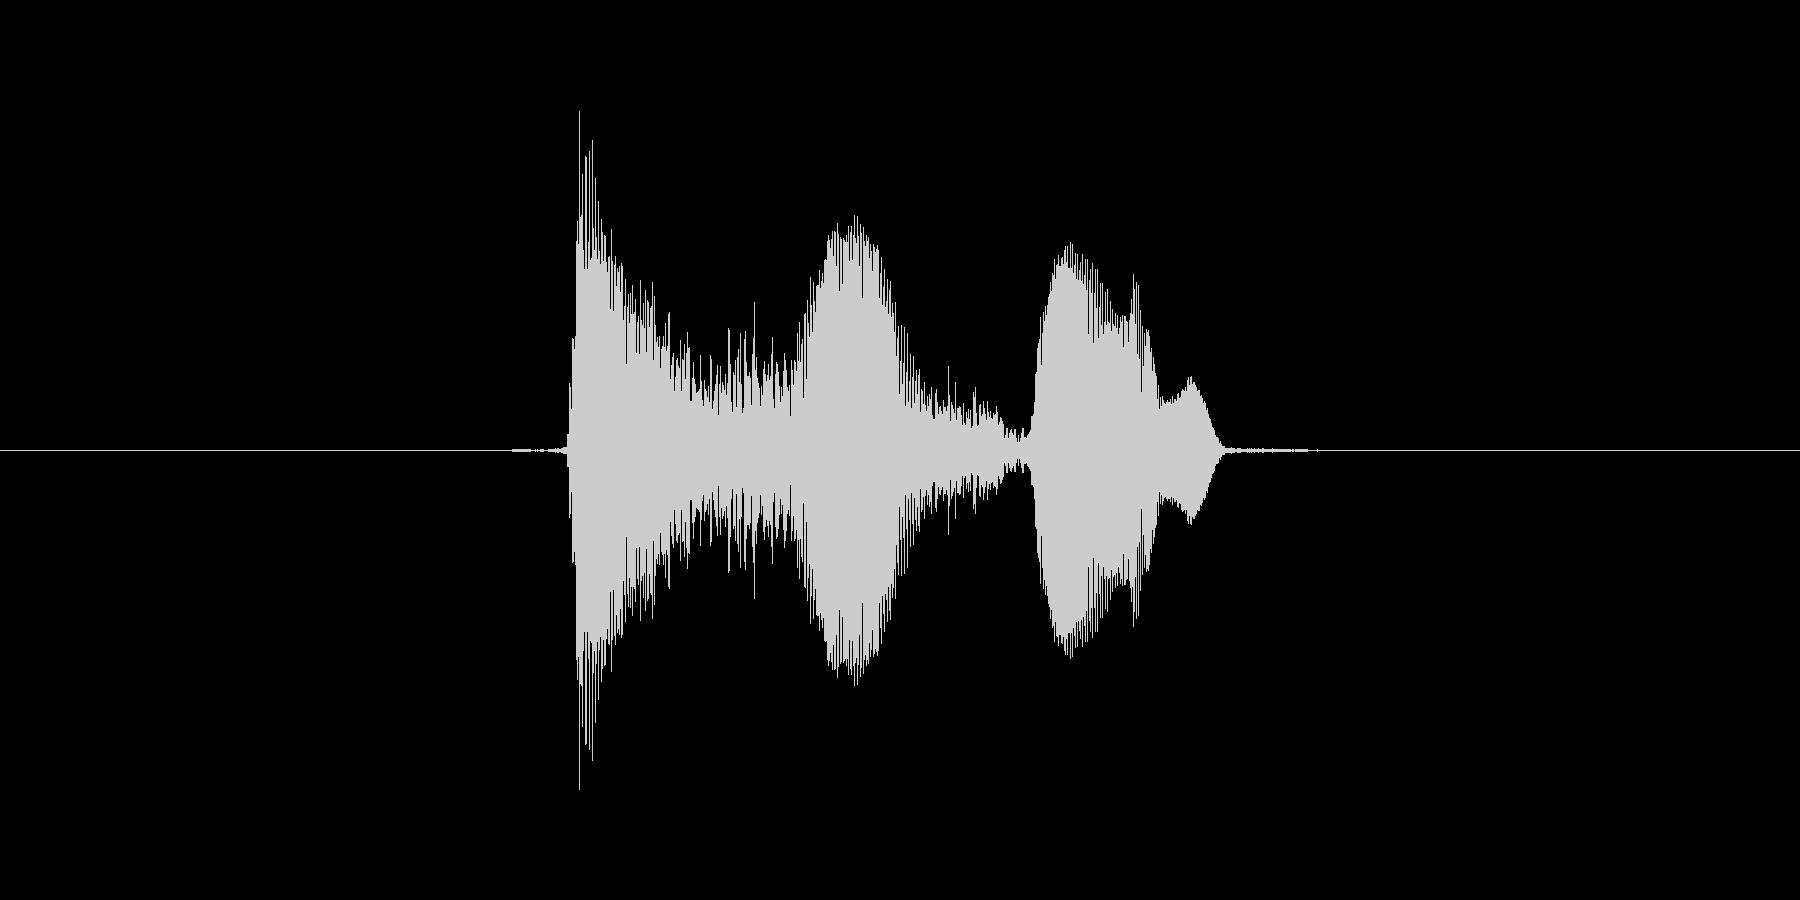 うふふ(可愛い笑い声)の未再生の波形